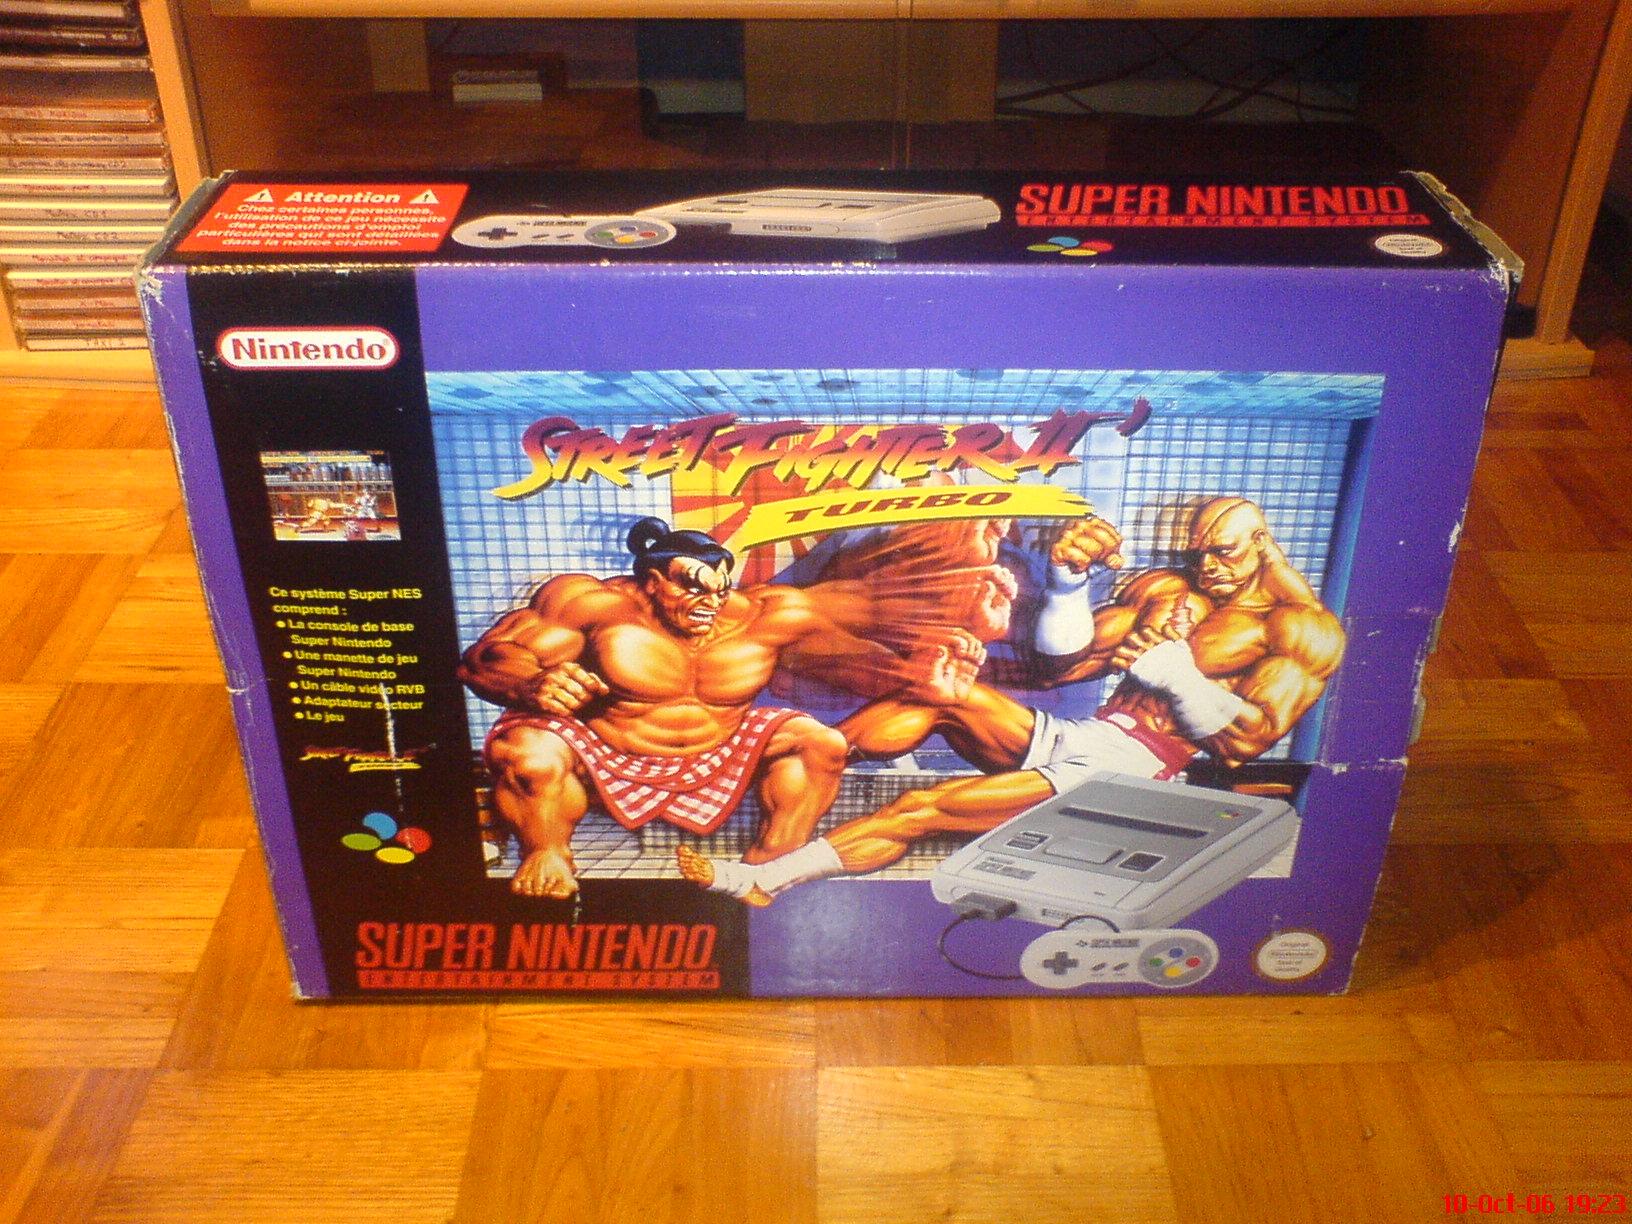 Meilleur Street Fighter sur SNES? - Page 2 Jaquette_front